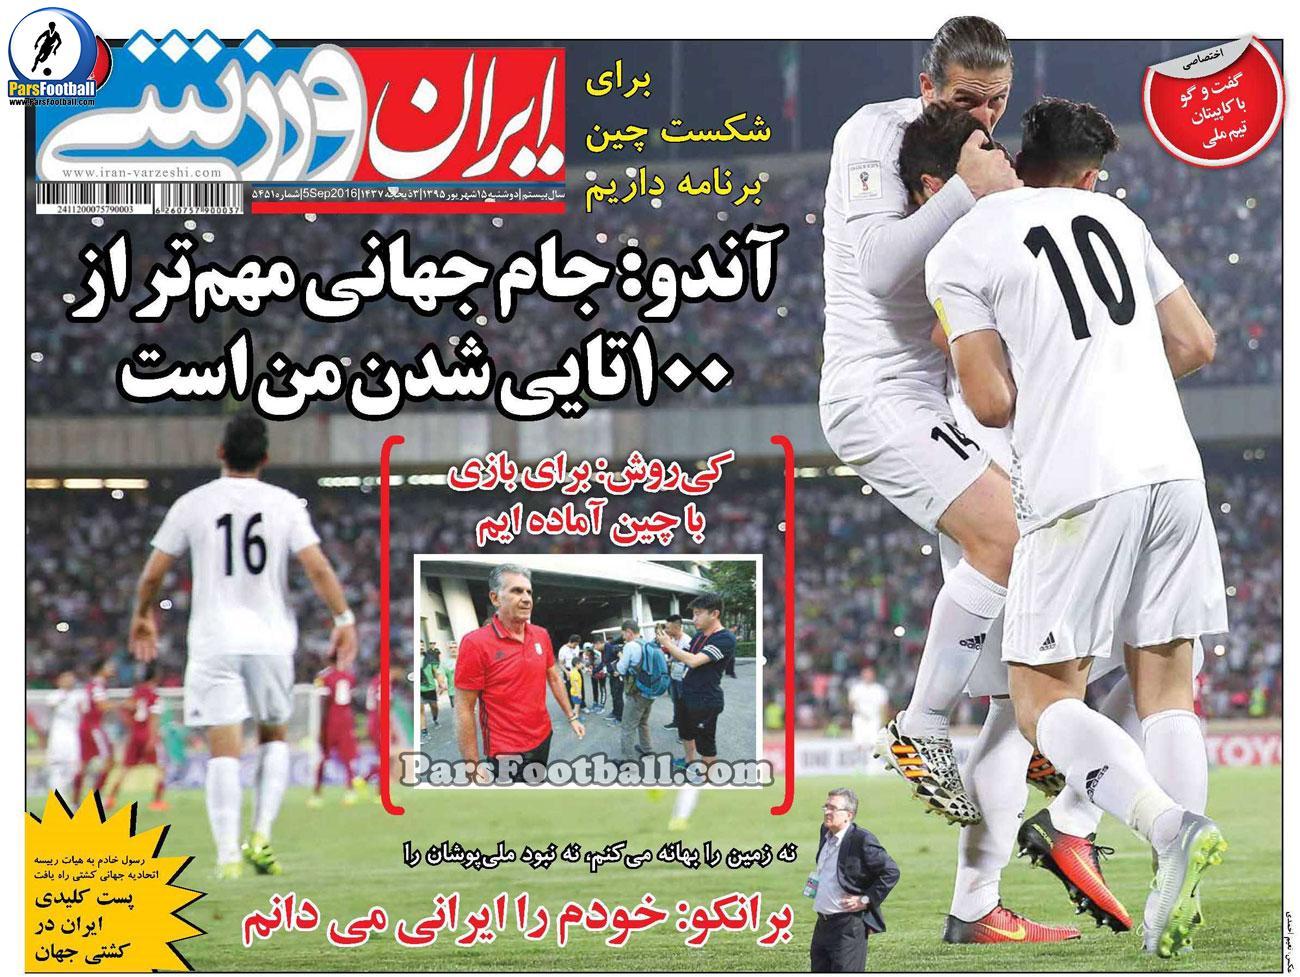 روزنامه ایران ورزشی دوشنبه 15 شهریور 95